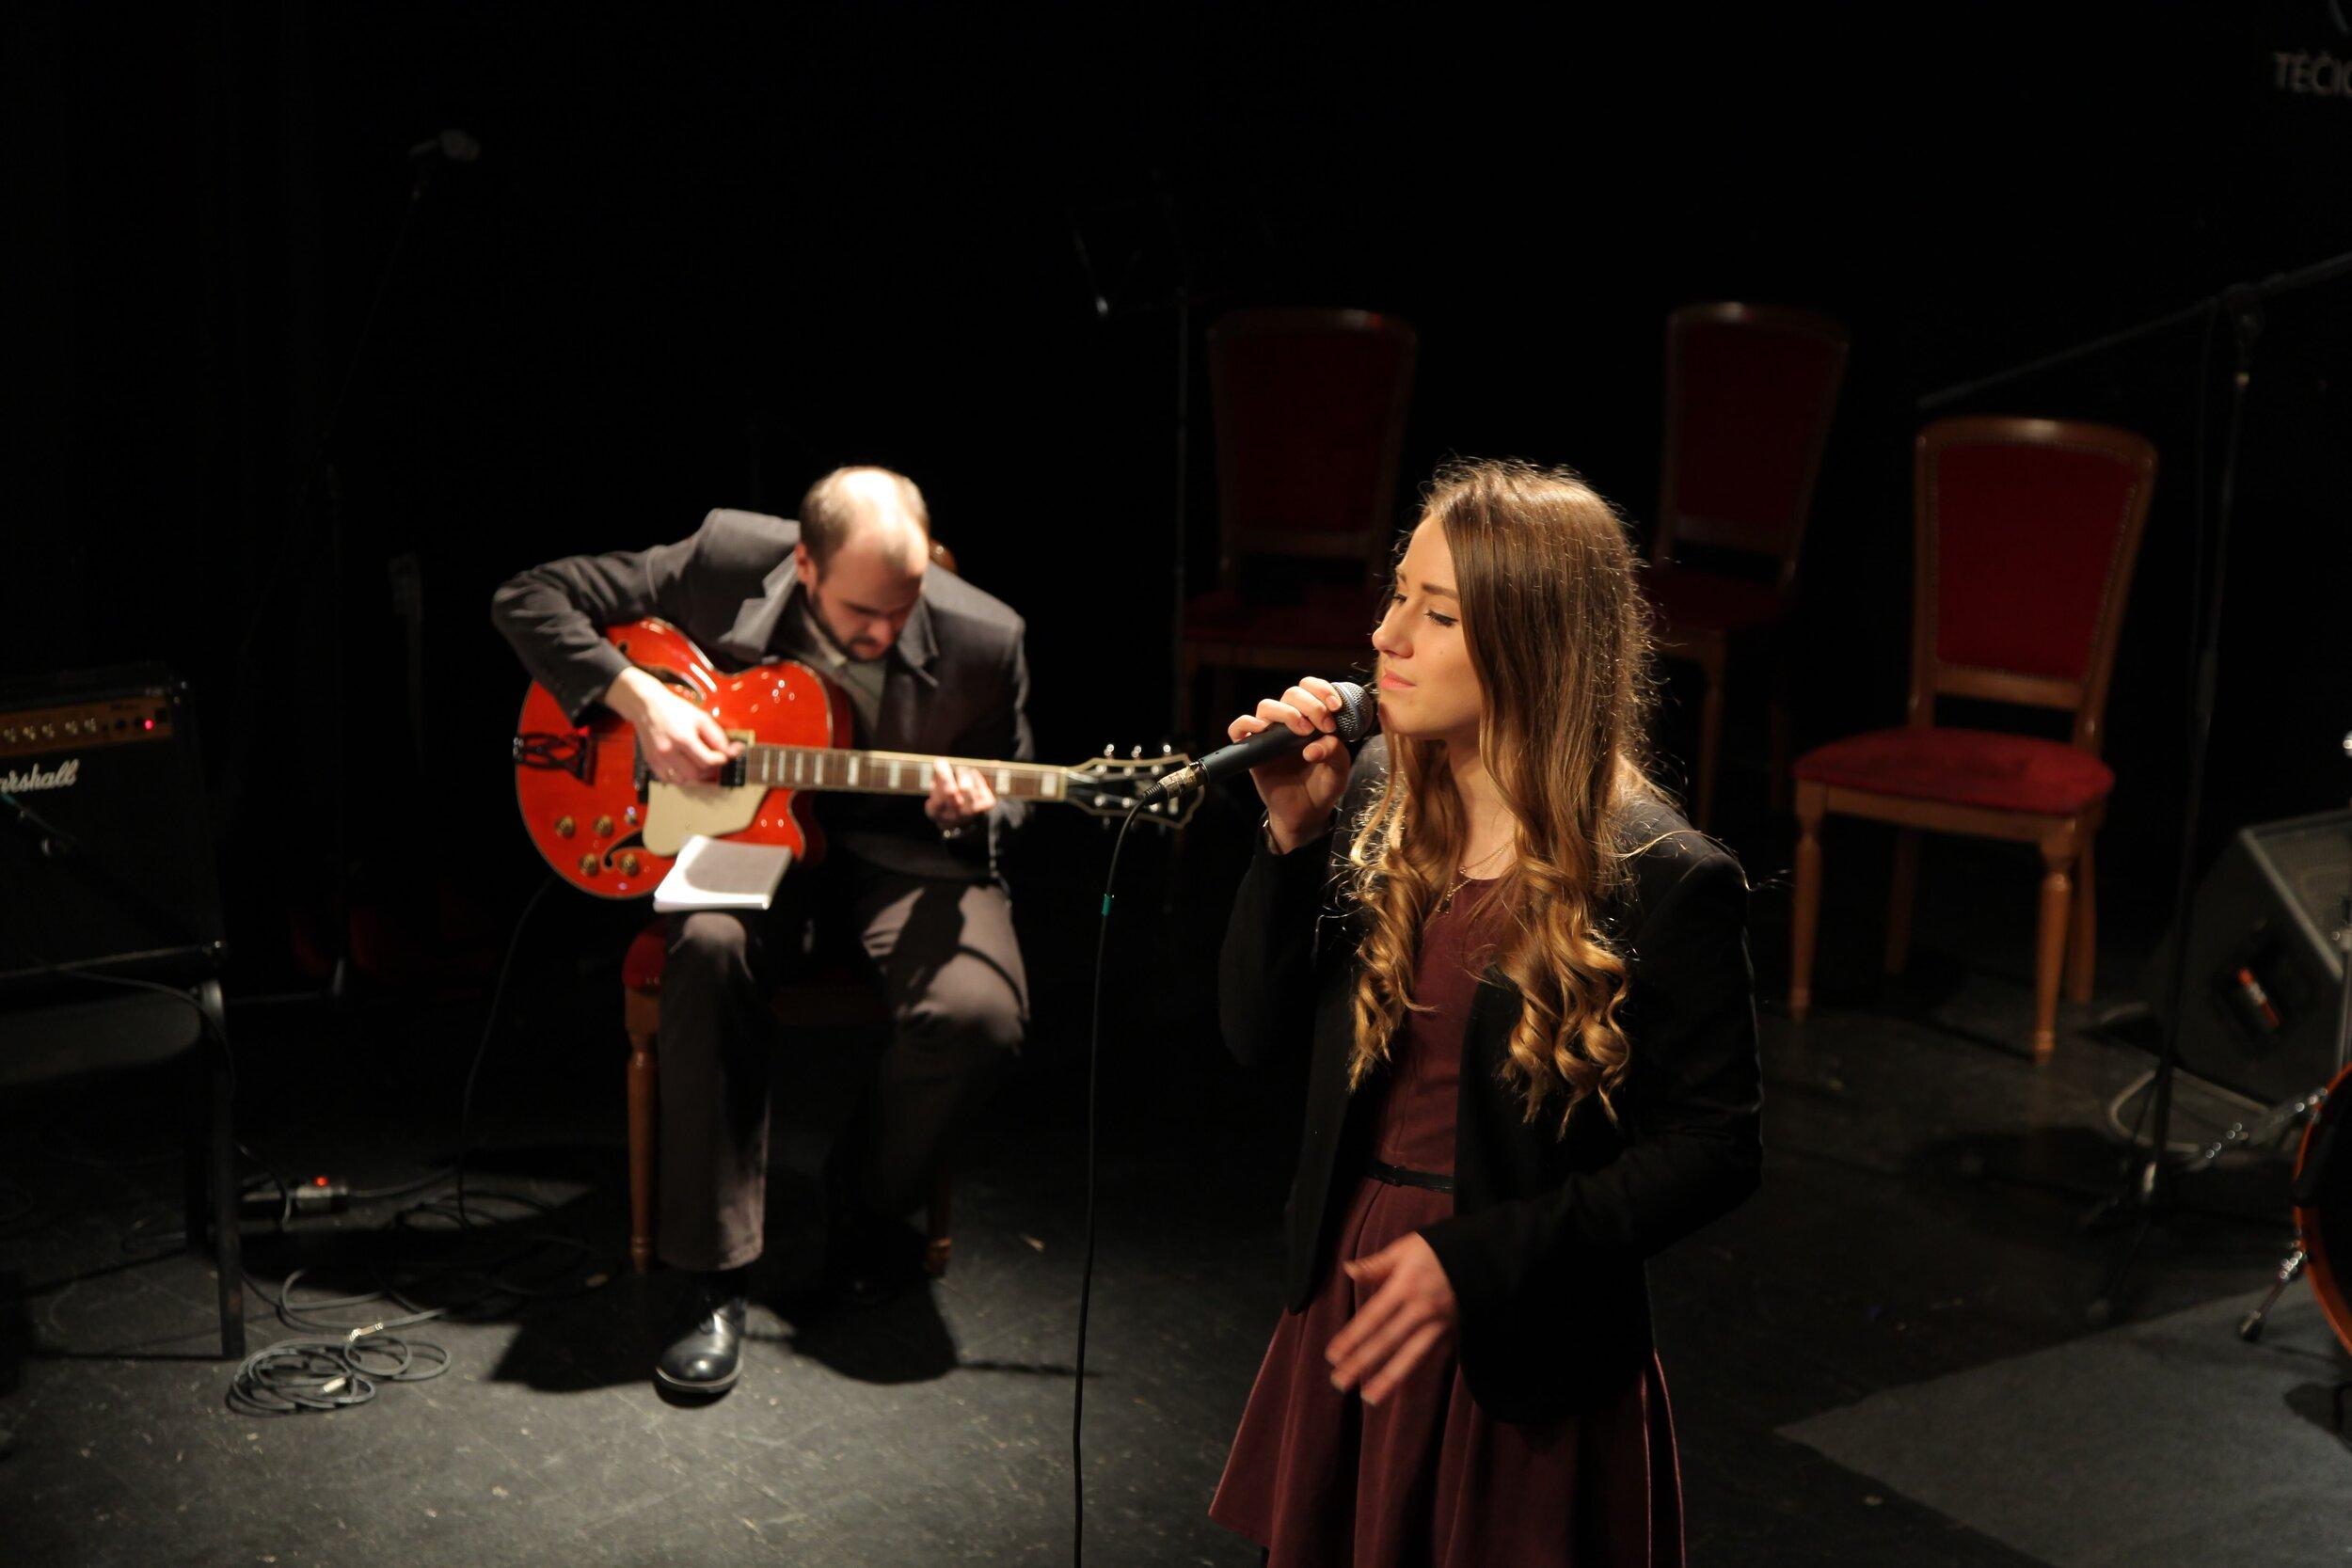 Dalinkis savo pasiekimais - Kiekvieną pusmetį vyksta tradiciniai jaunųjų atlikėjų koncertai.